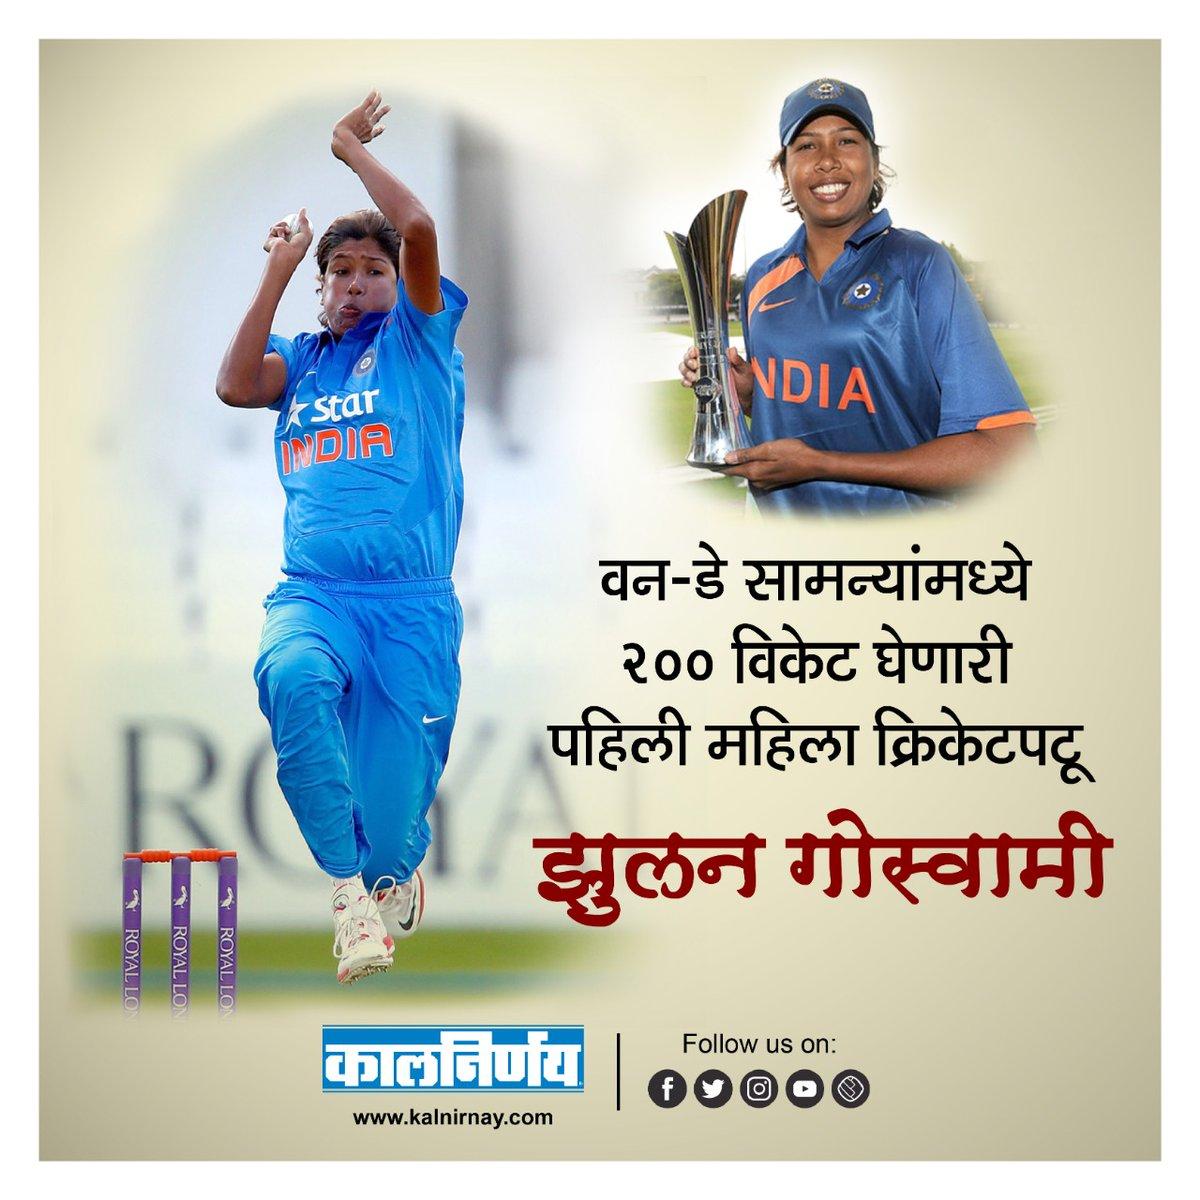 वन-डे सामन्यांमध्ये २०० विकेट घेणारी भारताची वेगवान गोलंदाज झूलन गोस्वामी यांना वाढदिवसाच्या शुभेच्छा!🎂 #Kalnirnay #कालनिर्णय #JhulanGoswami #HappyBirthday #IndianCricketer